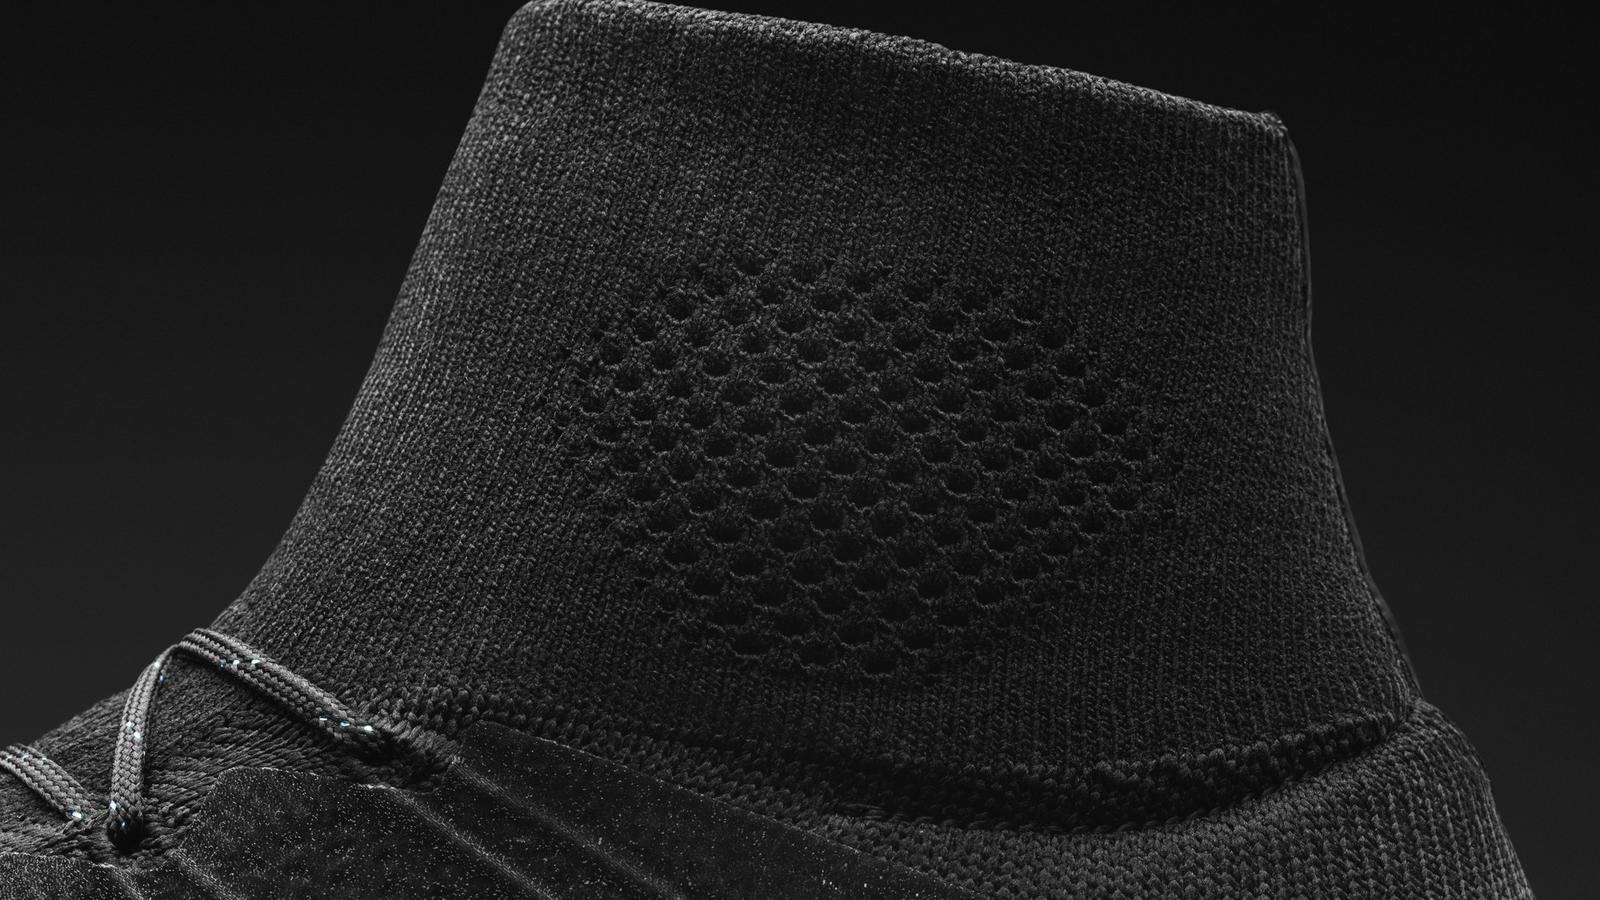 H014 Fb Cr7 Detail Cuff